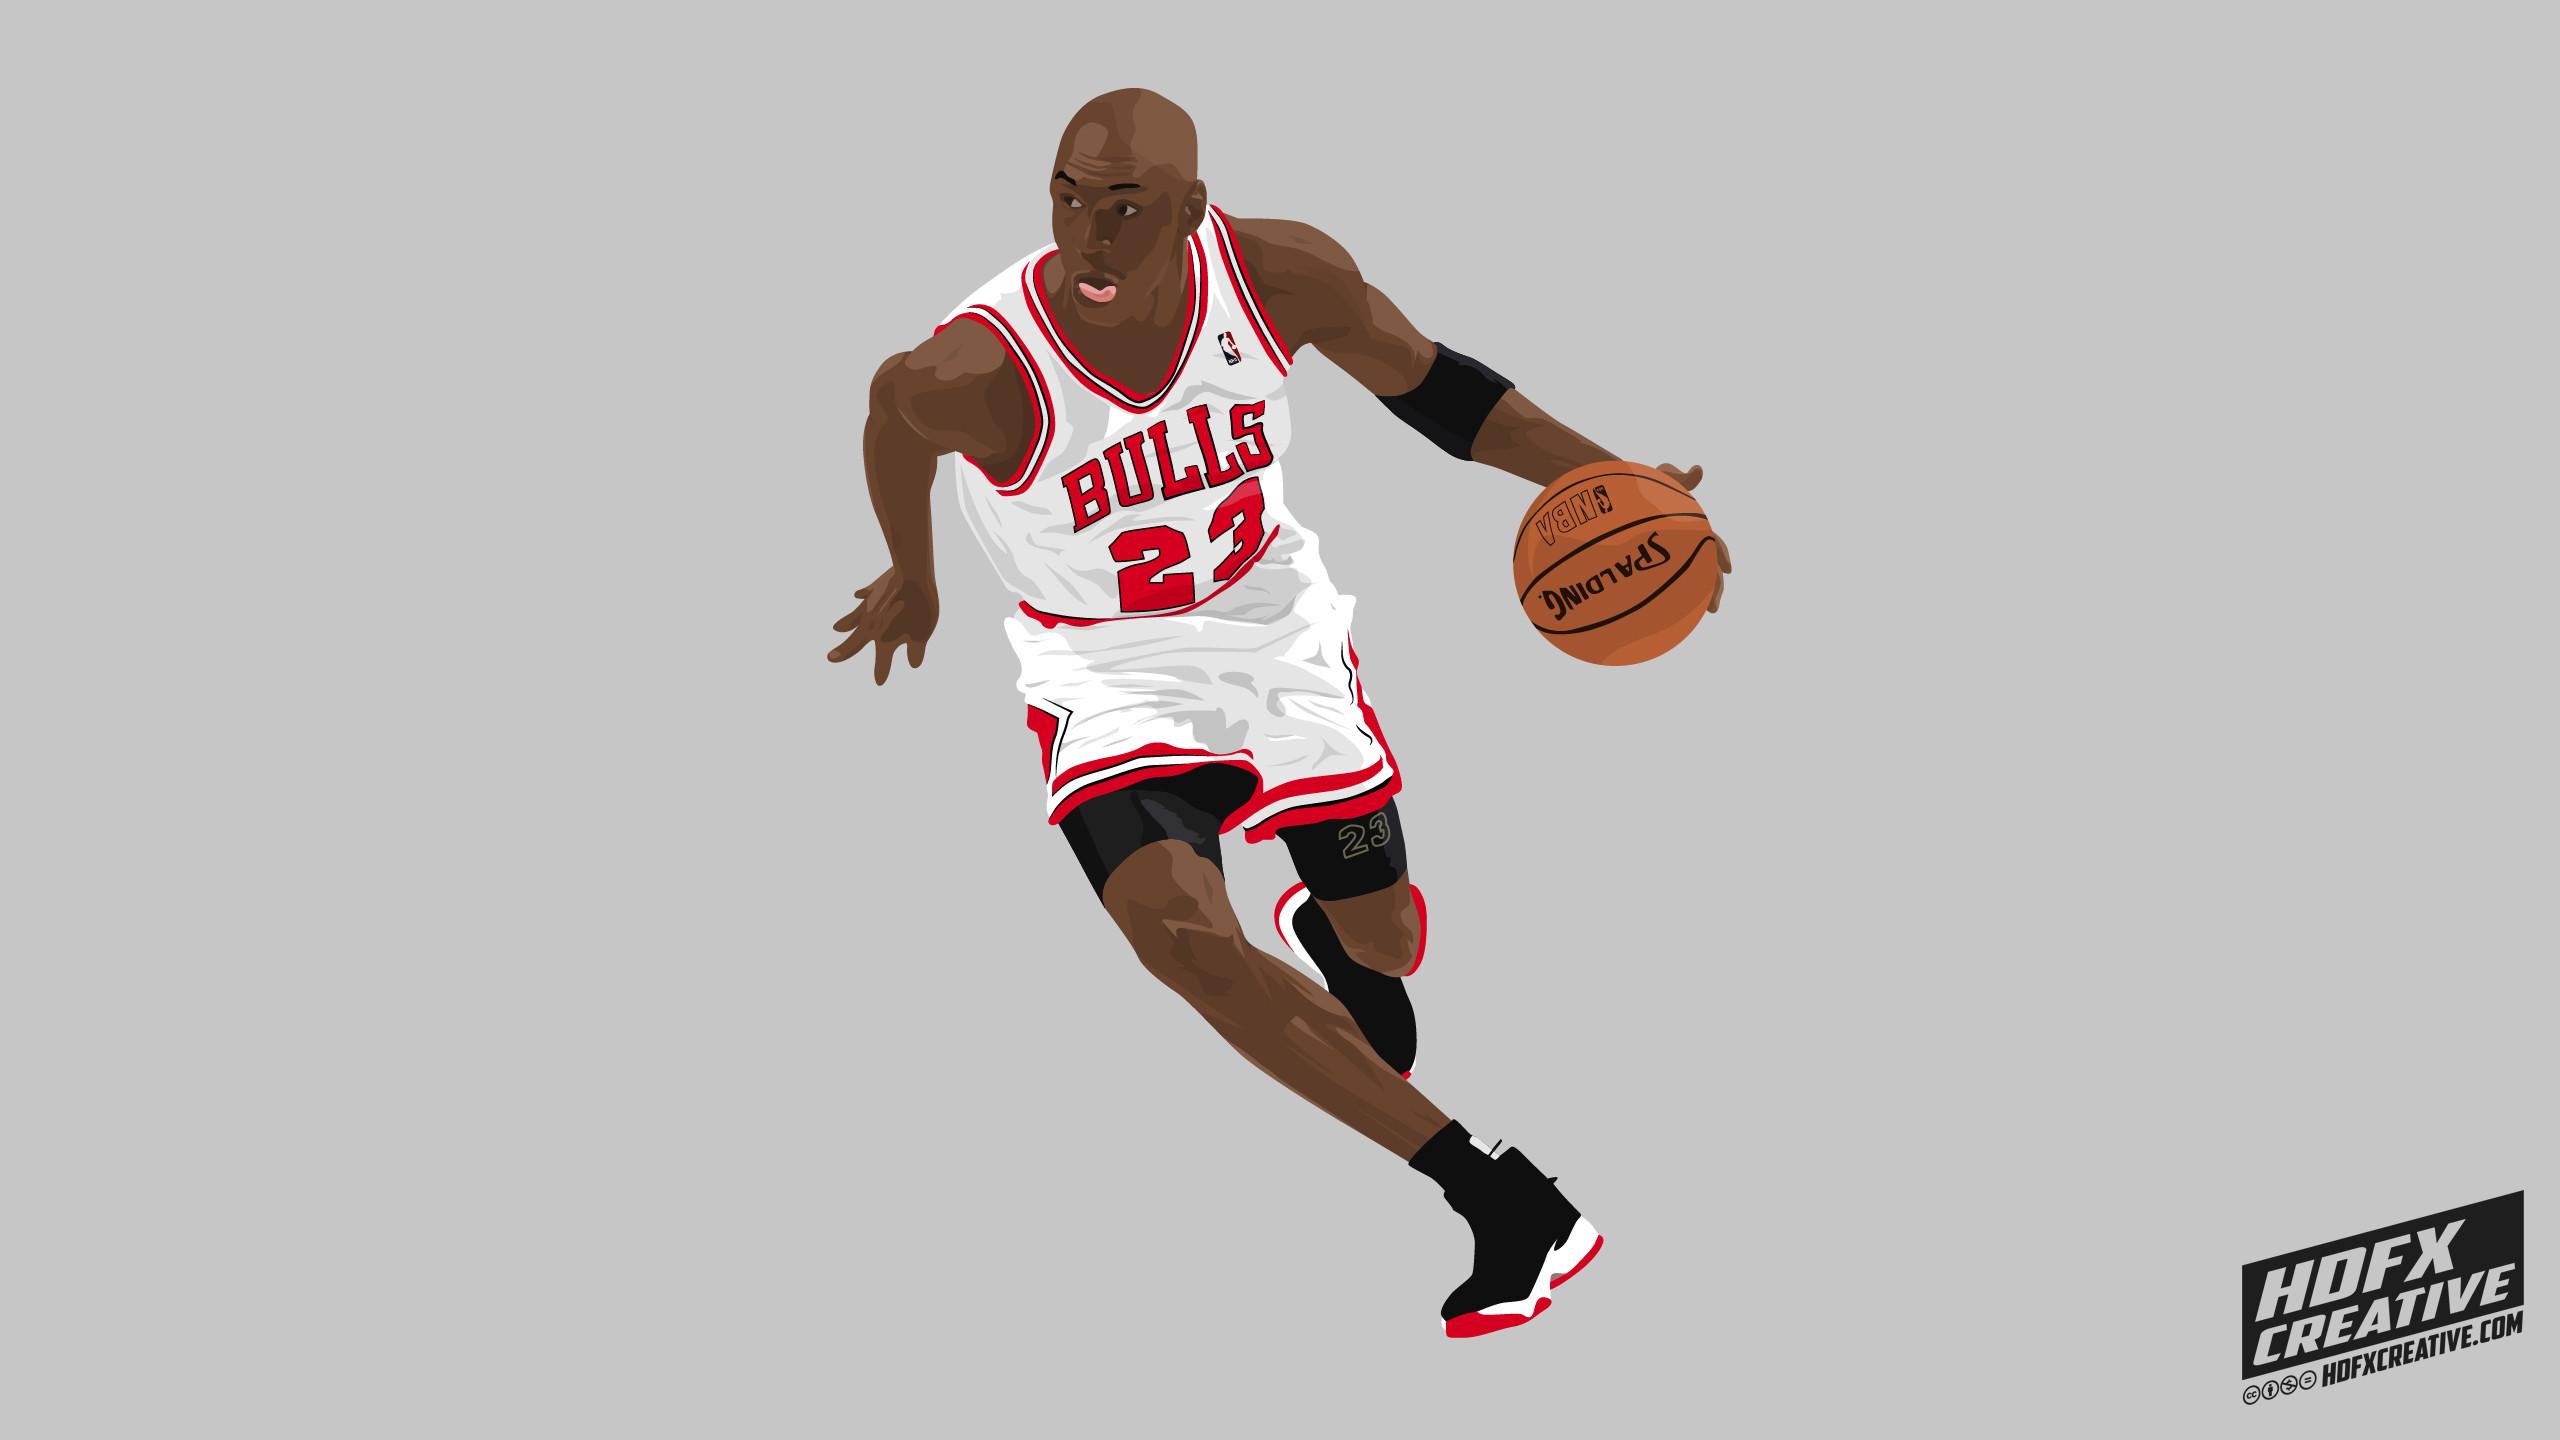 Download Wallpaper Cartoon Jordan - 973346-michael-jordan-wings-wallpaper-2560x1440-for-android-40  Perfect Image Reference_546727   .jpg